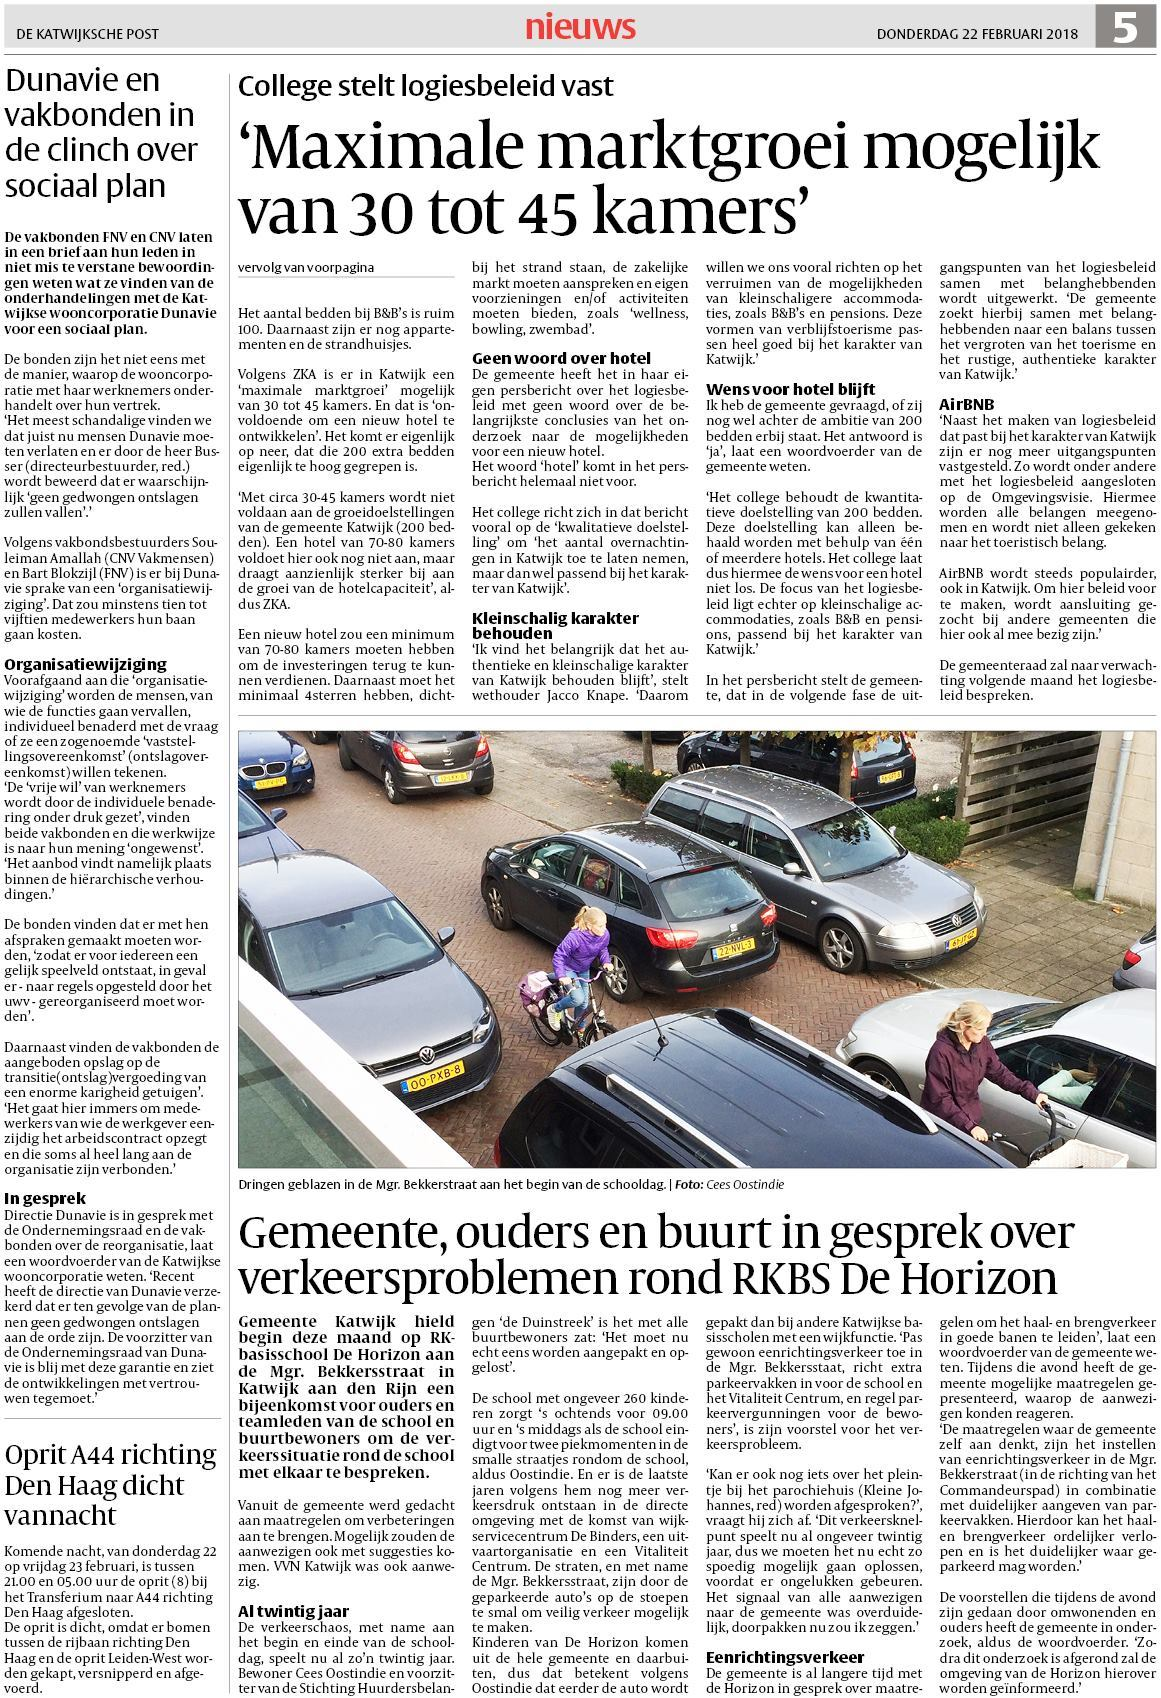 De Katwijksche Post 22 februari 2018